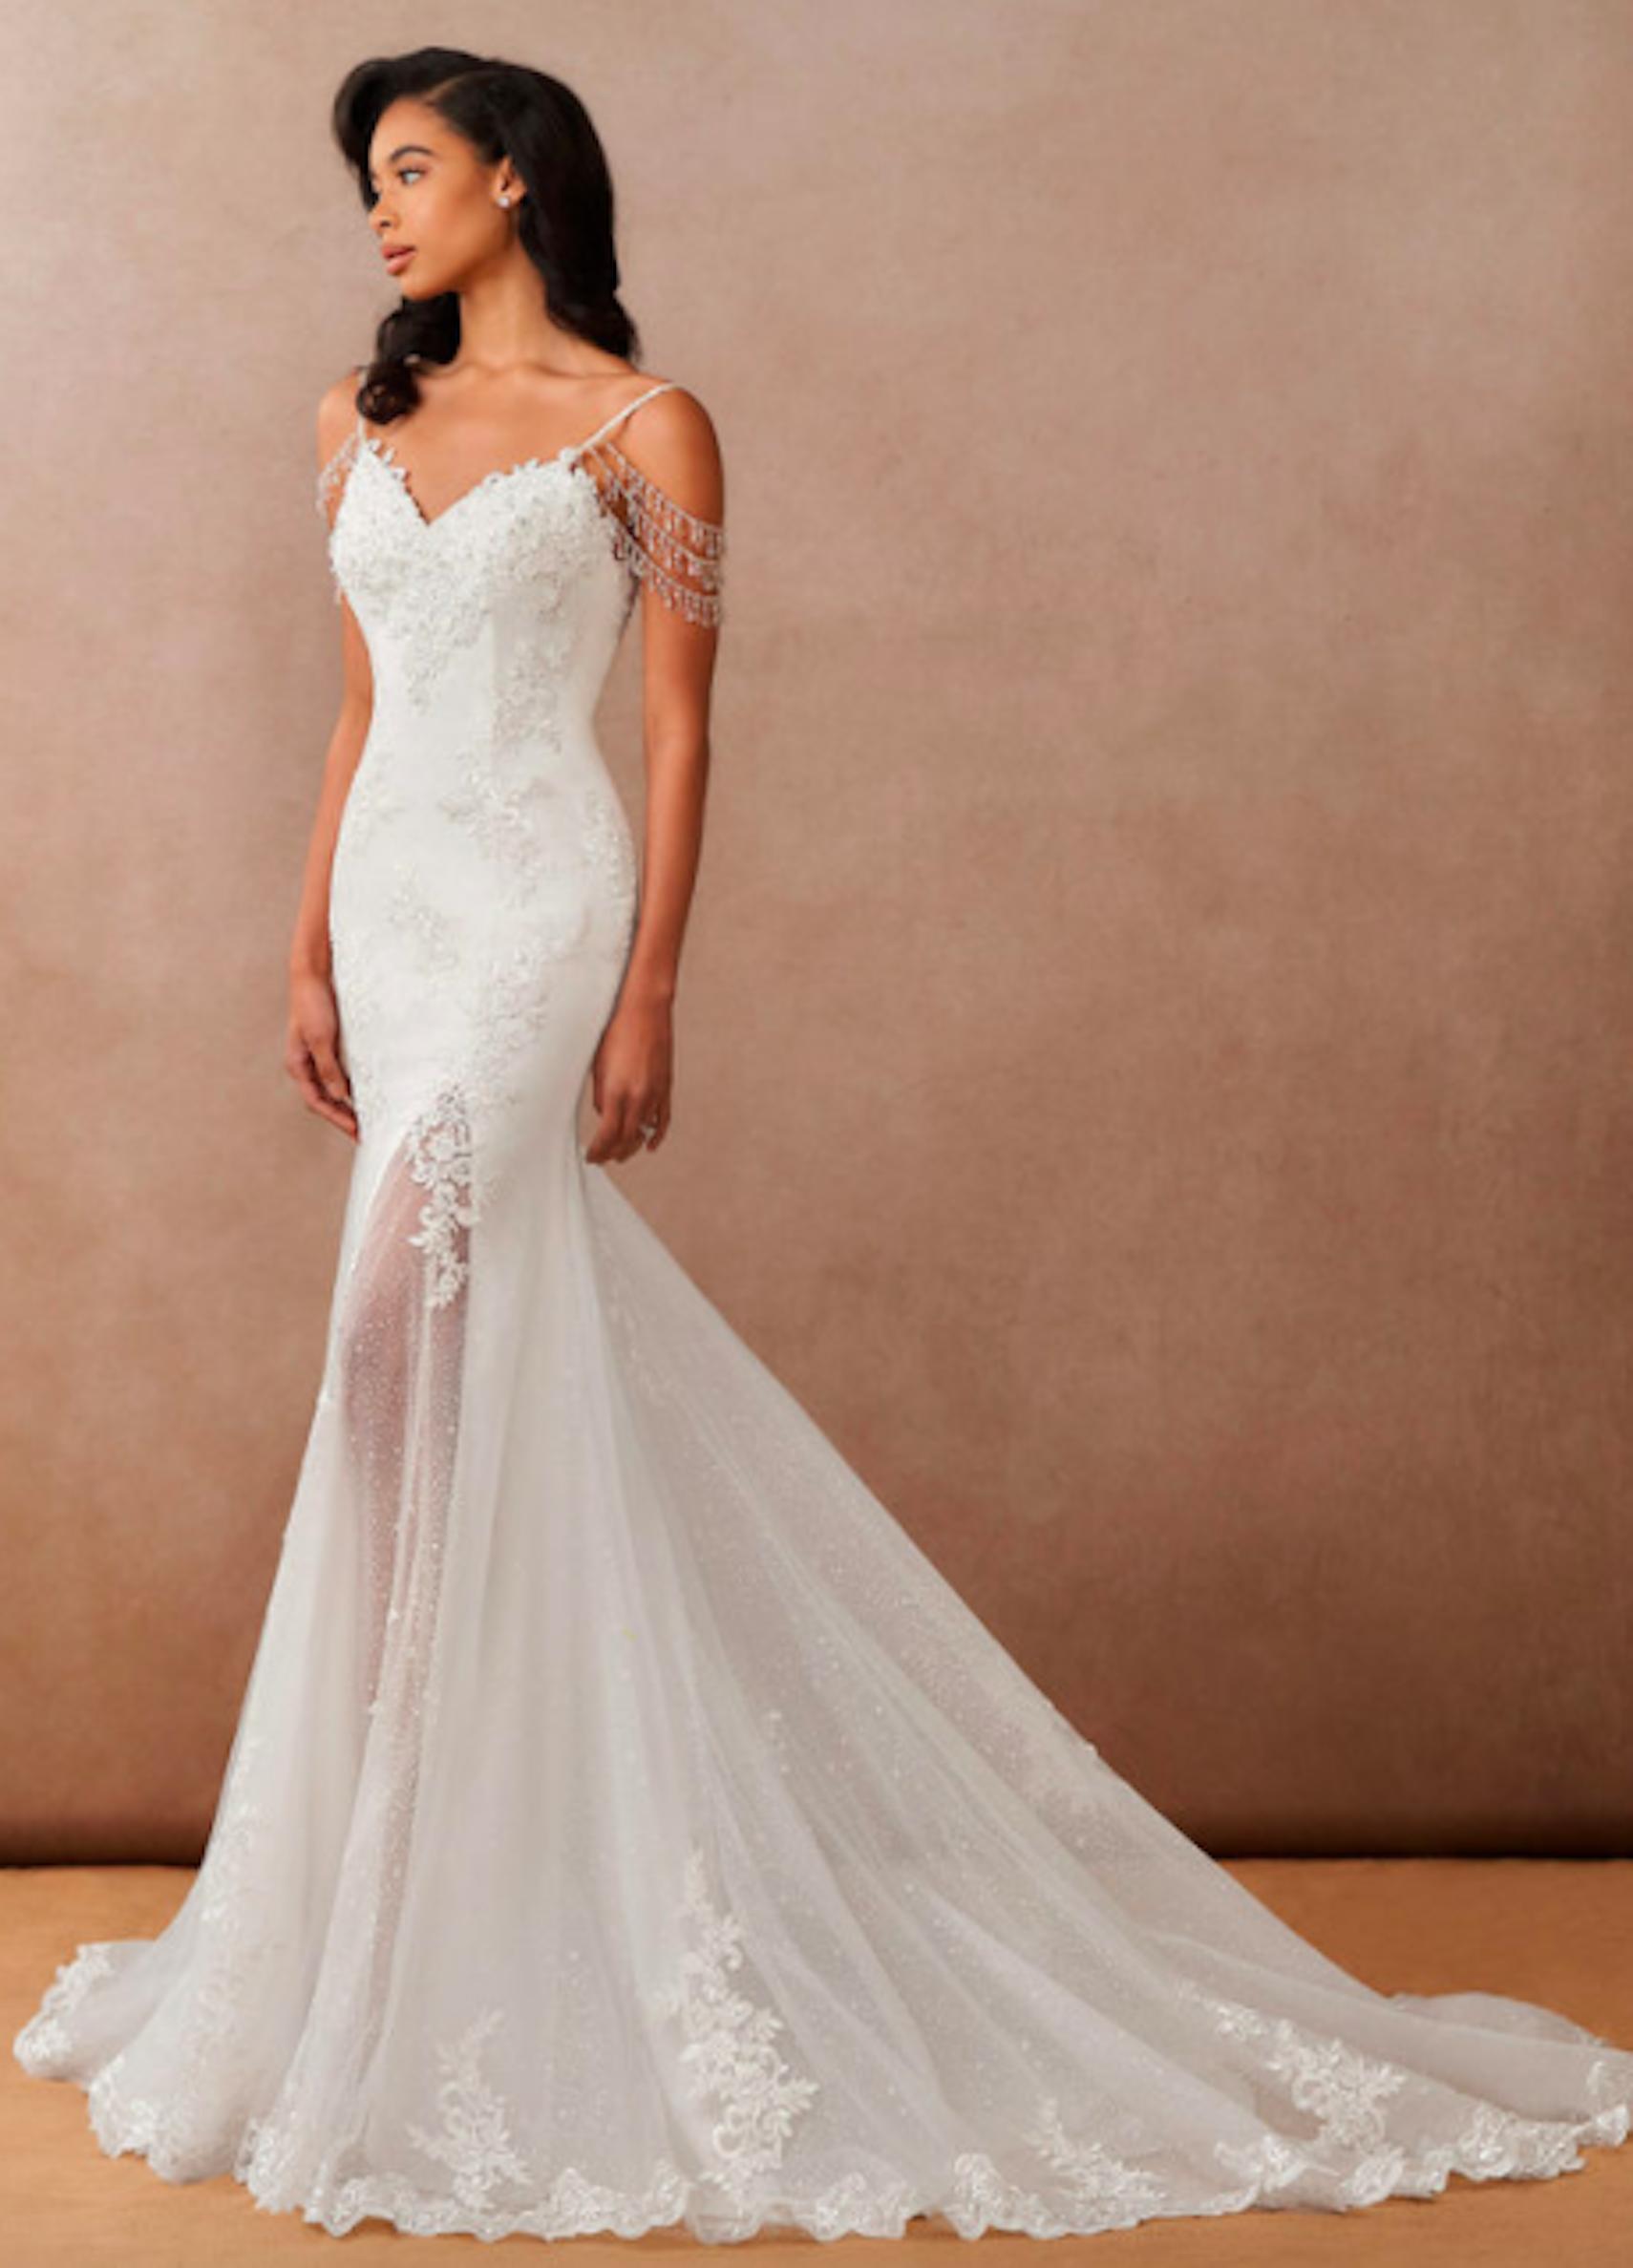 Azazie Saskia, Azazie Essence, bridal gown, mermaid bridal gown, sleeveless wedding dress, fitted wedding dress